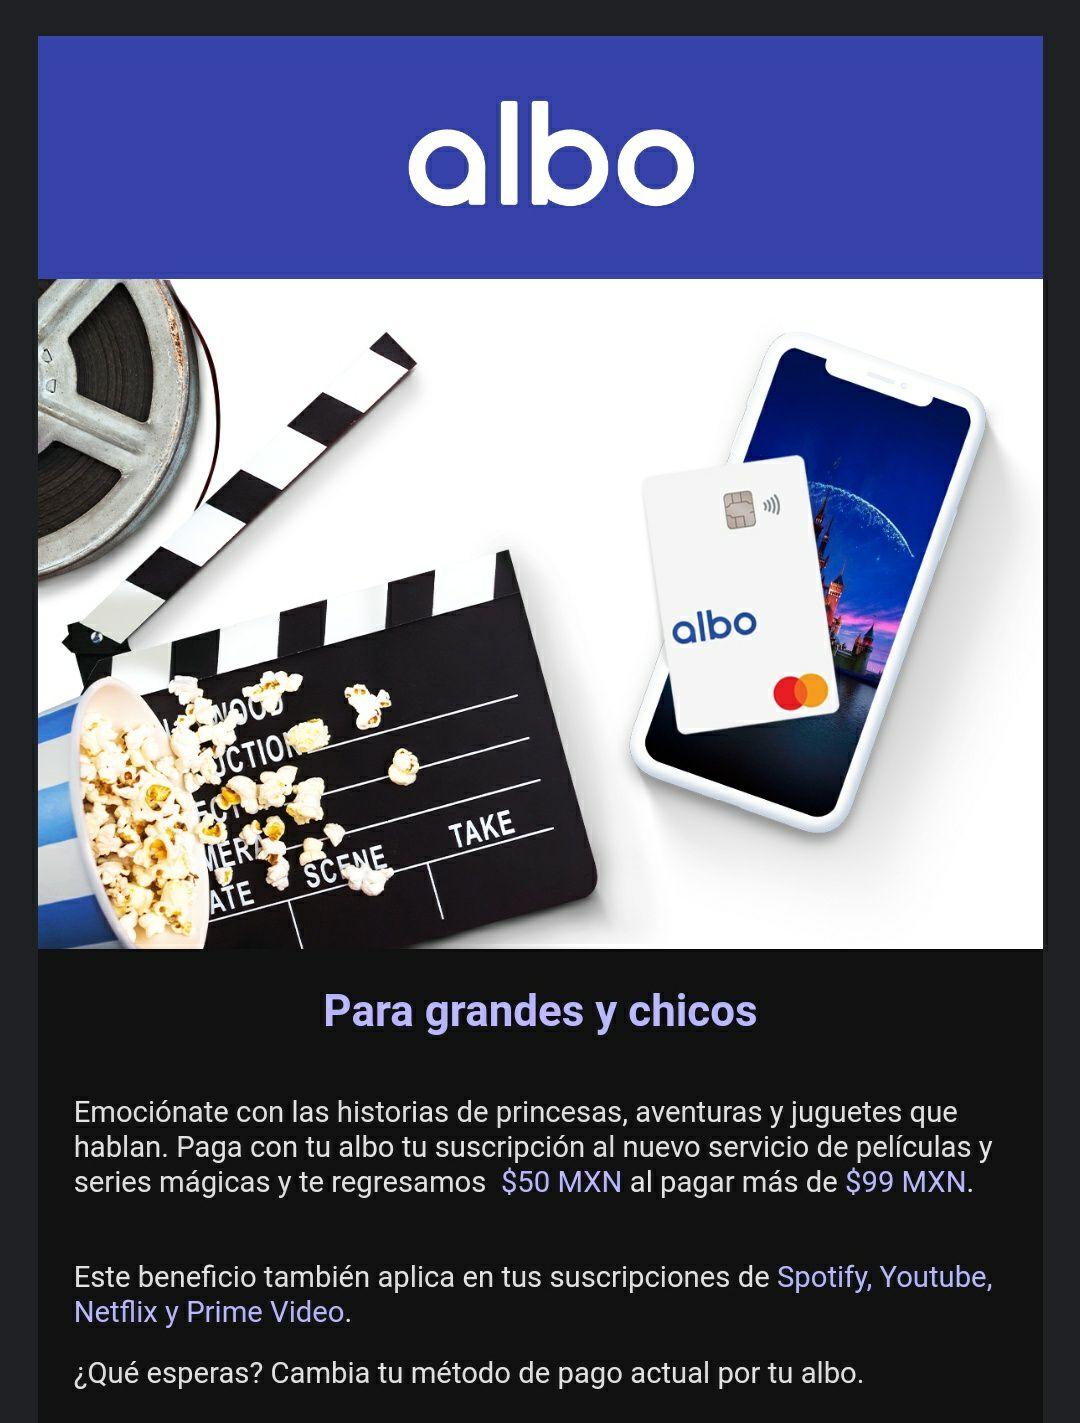 ALBO te devuelve 50 pesos al pagar más de 99 en Spotify, Prime Video, Youtube y Neflix (usuarios seleccionados)